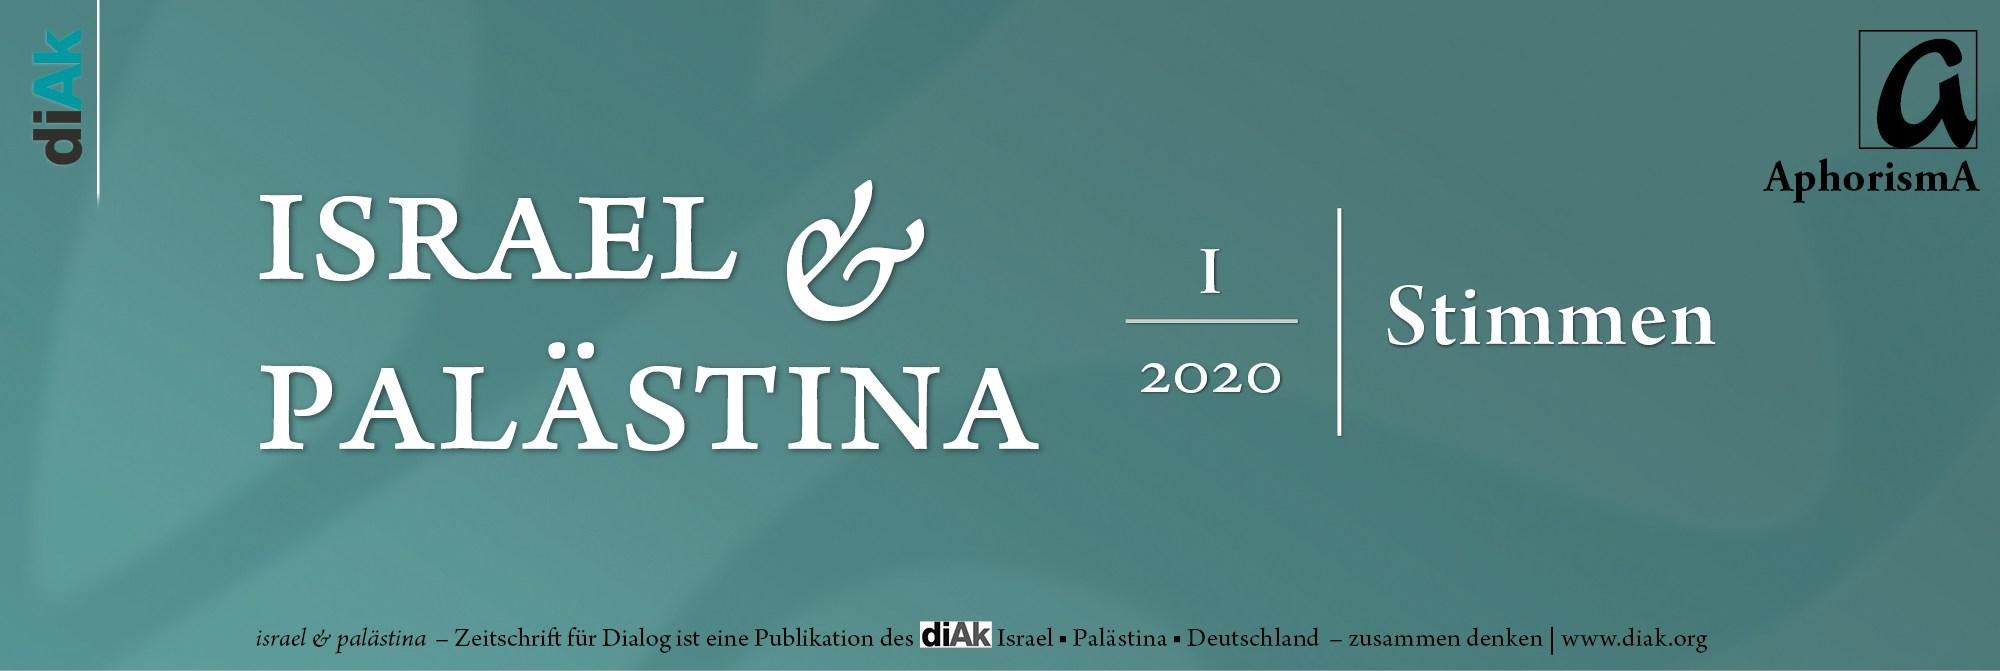 i&p 1/2020 Stimmen